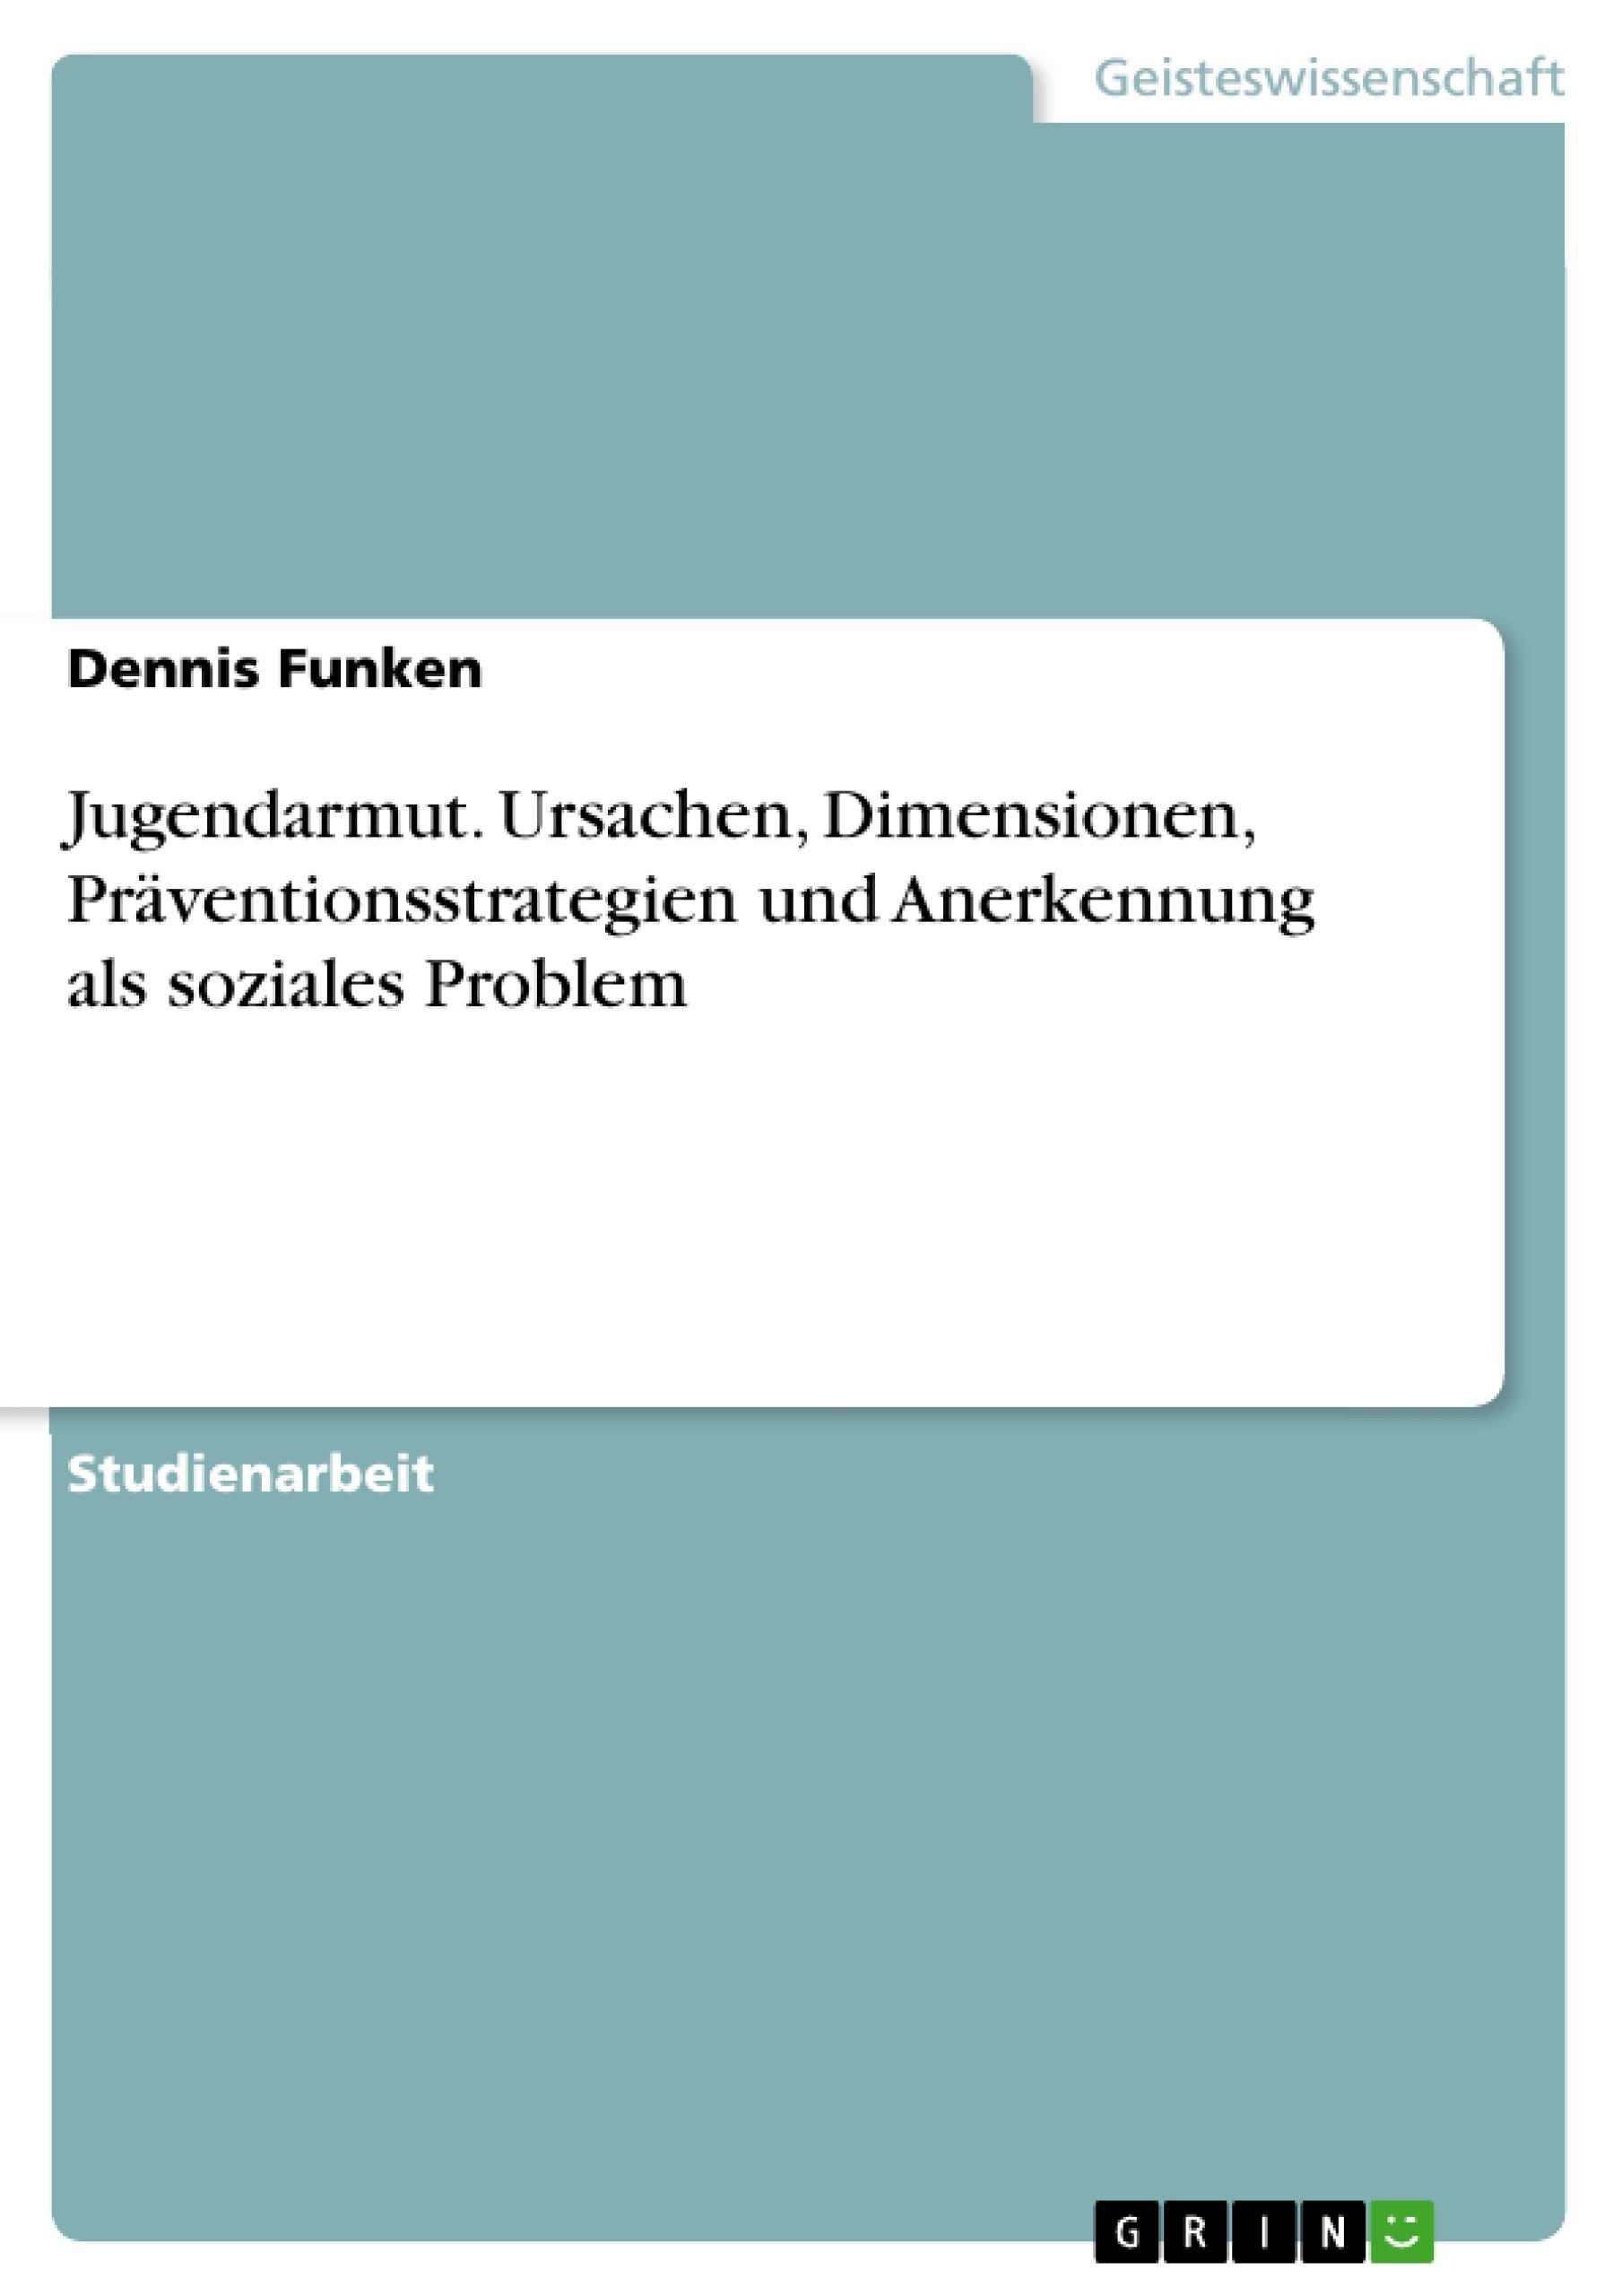 Titel: Jugendarmut. Ursachen, Dimensionen, Präventionsstrategien und Anerkennung als soziales Problem